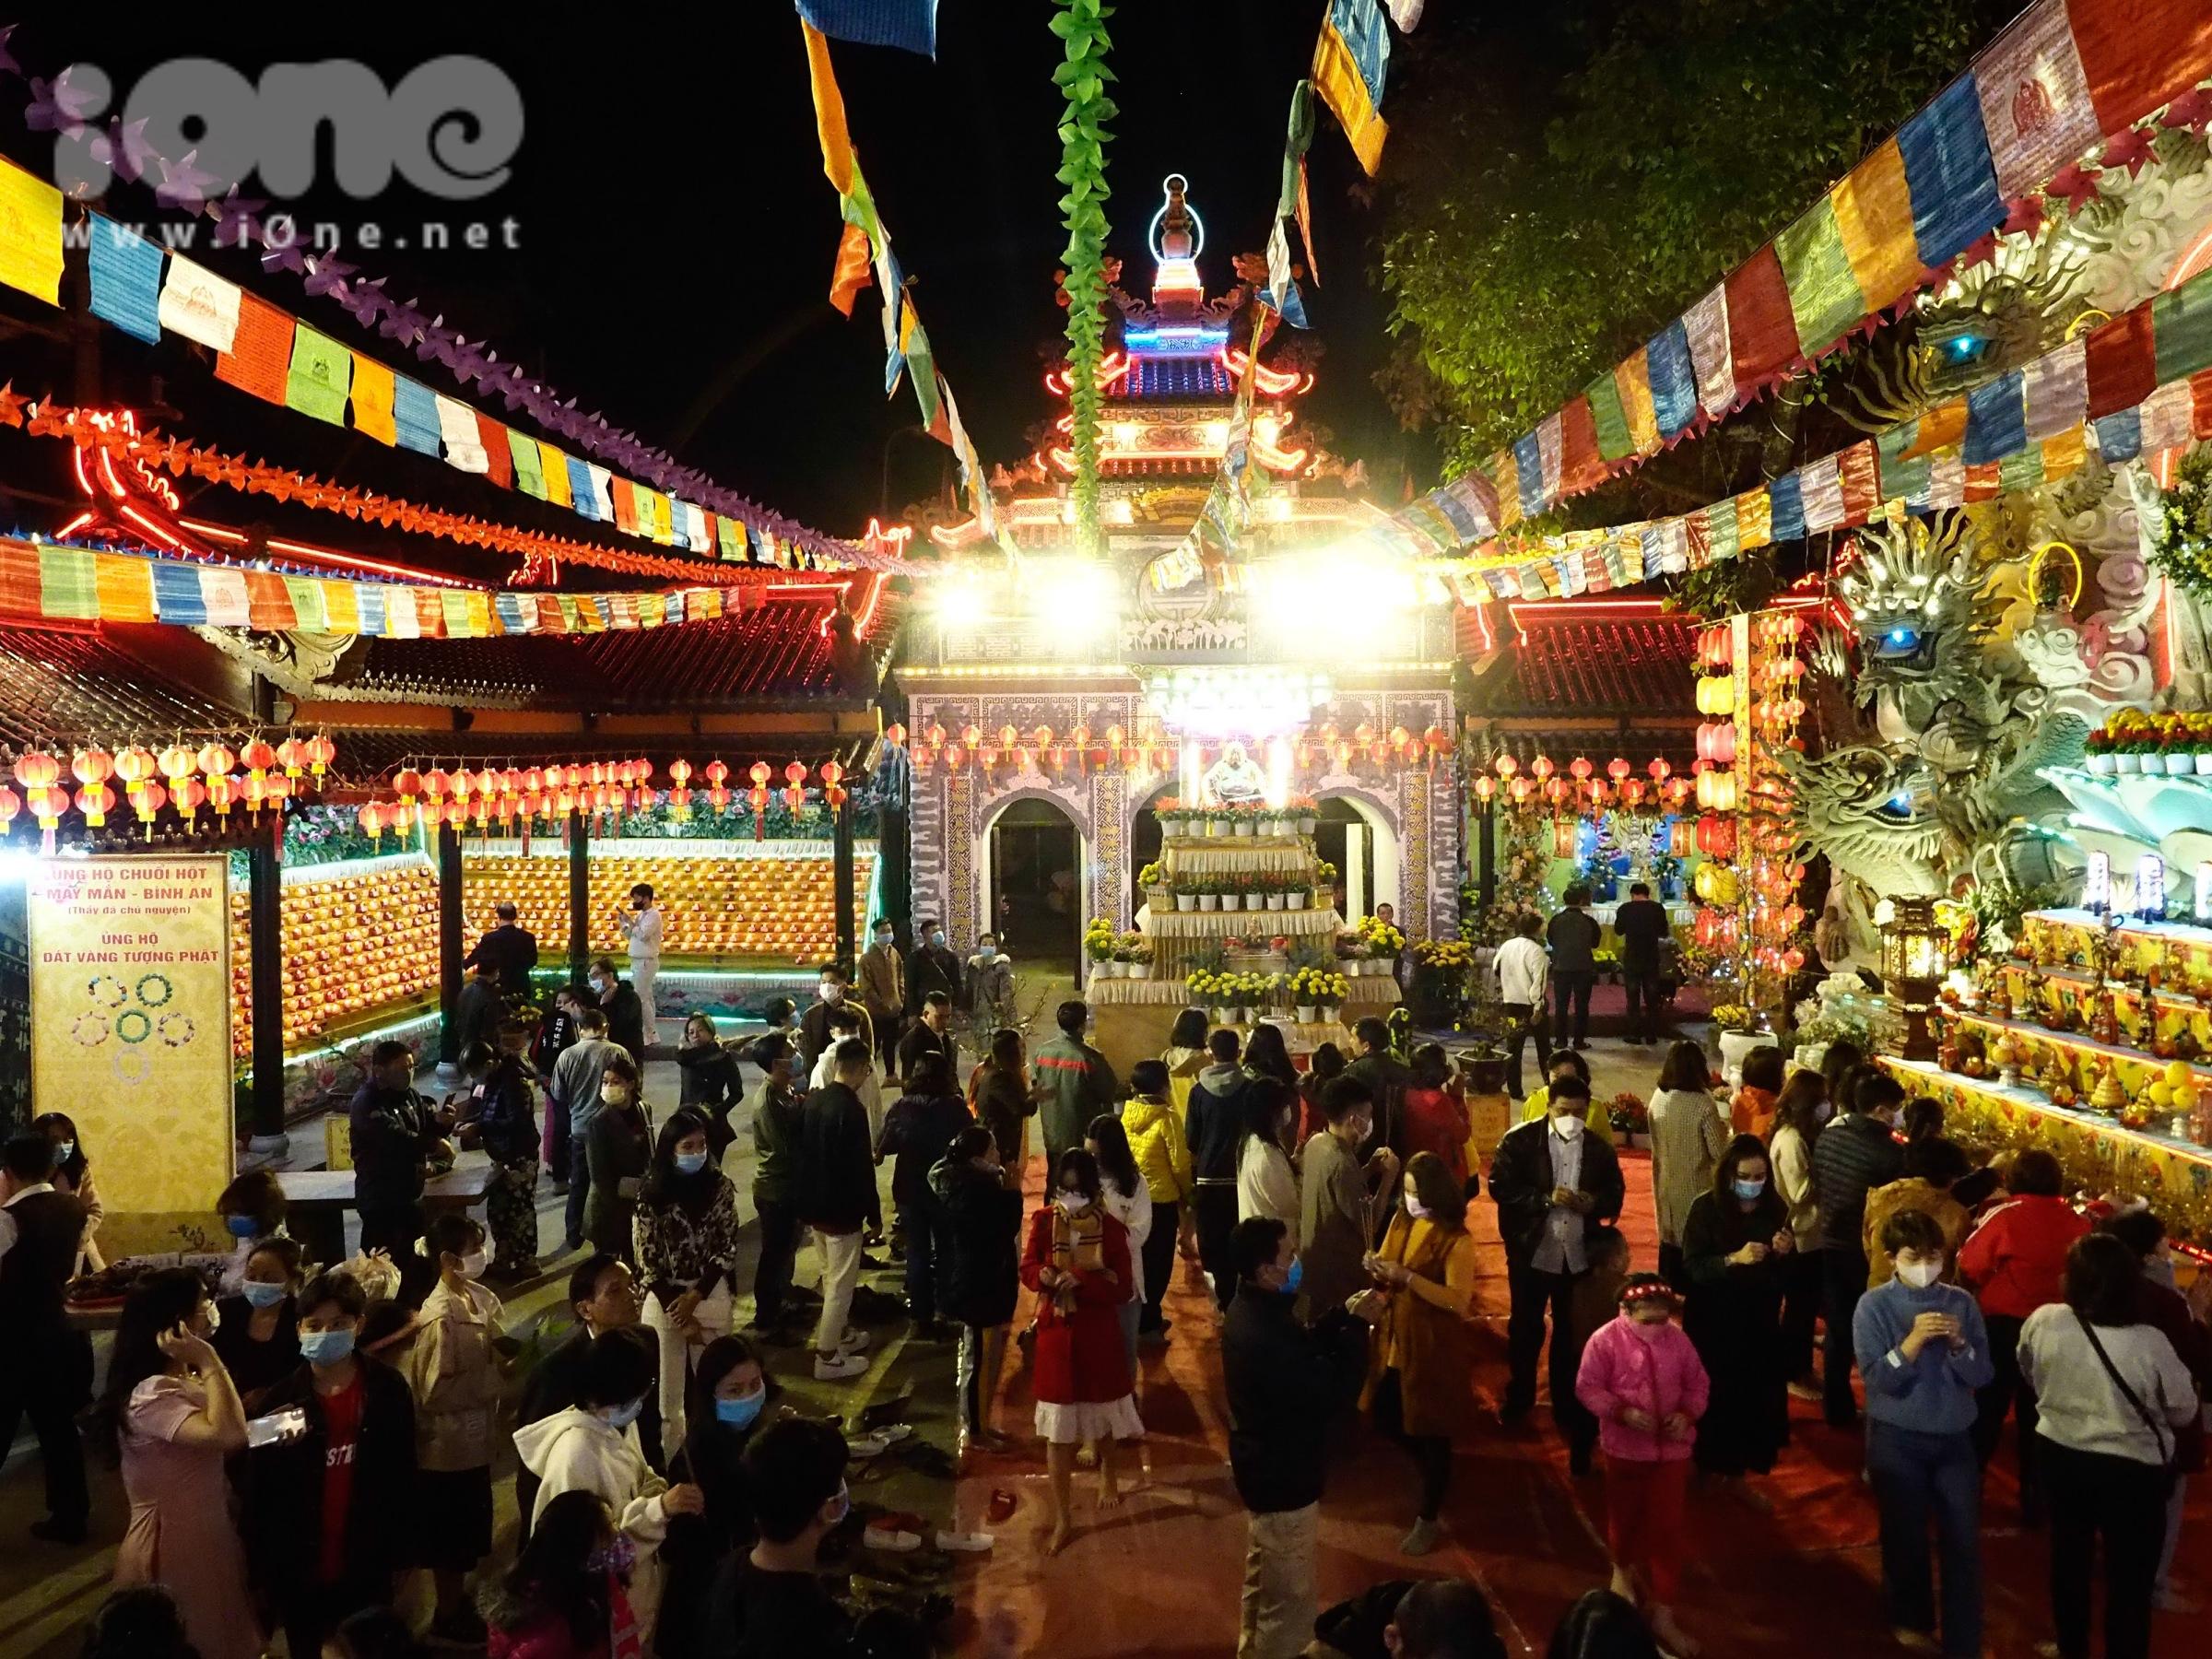 Sau khi đồng hồ điểm những giây phút đầu tiên của năm mới, một bộ phận người dân Đà Nẵng đi chùa đầu năm để thắp hương, nguyện cầu những điều tốt lành trong năm mới.